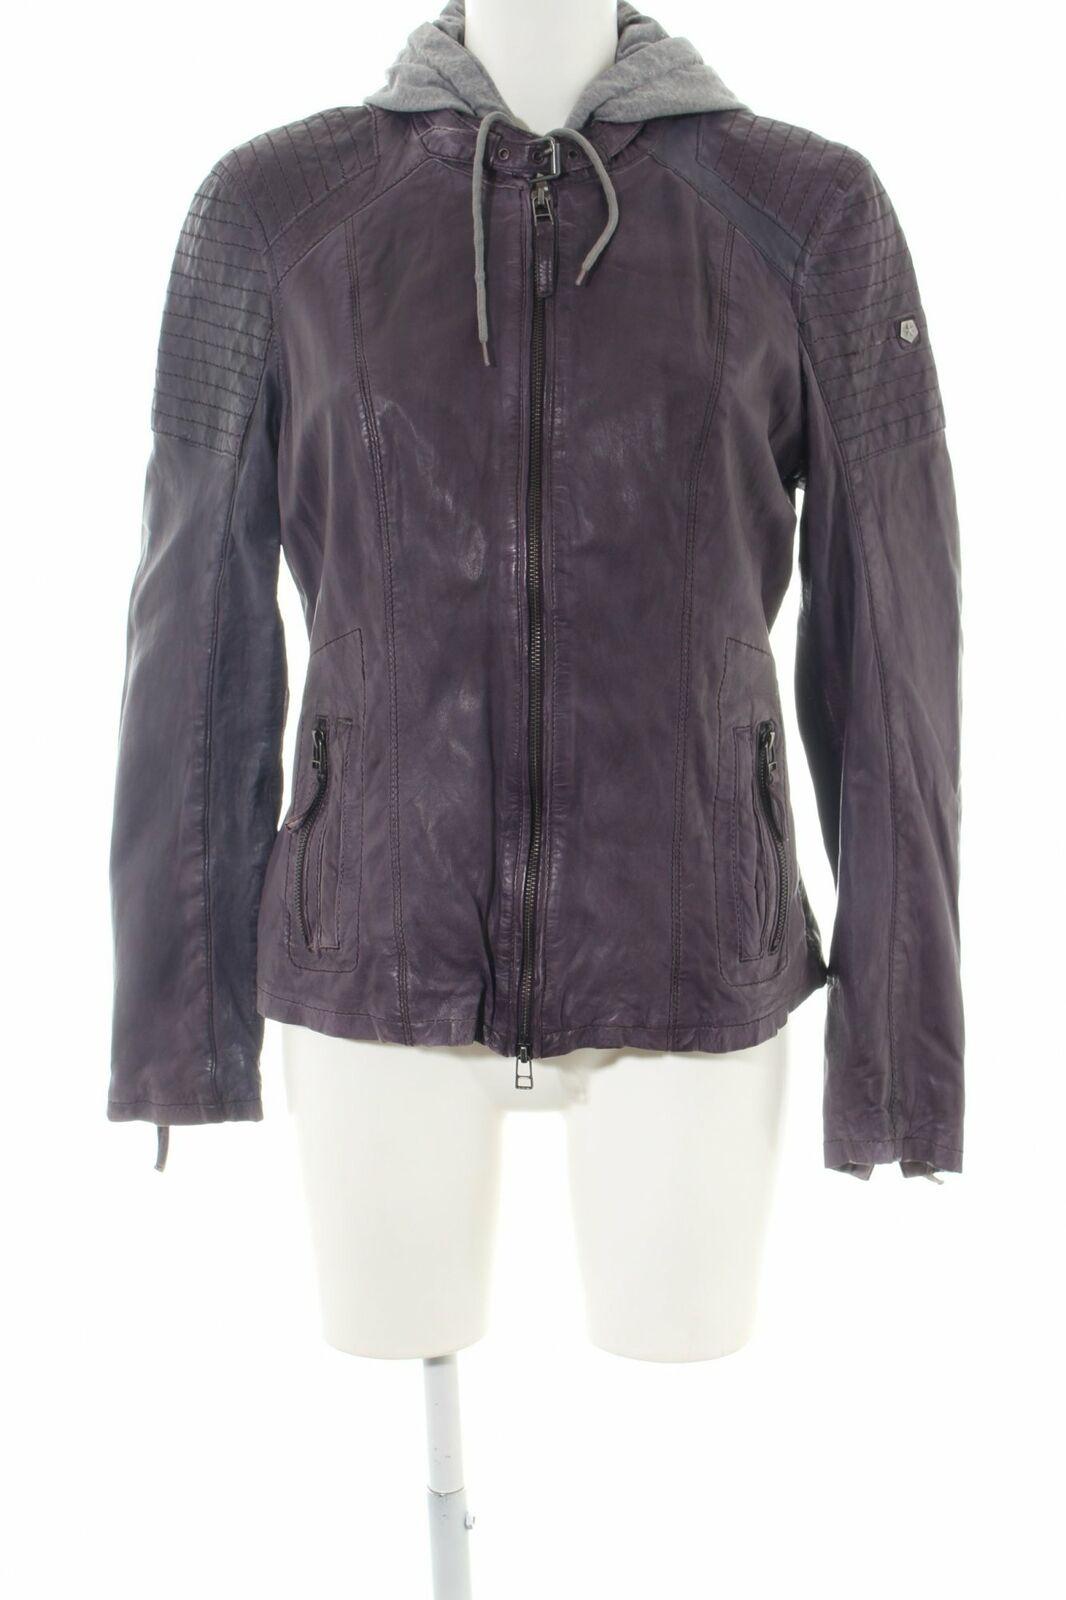 MILESTONE Lederjacke lila Casual-Look Damen Gr. DE 42 Jacke Jacket Leder